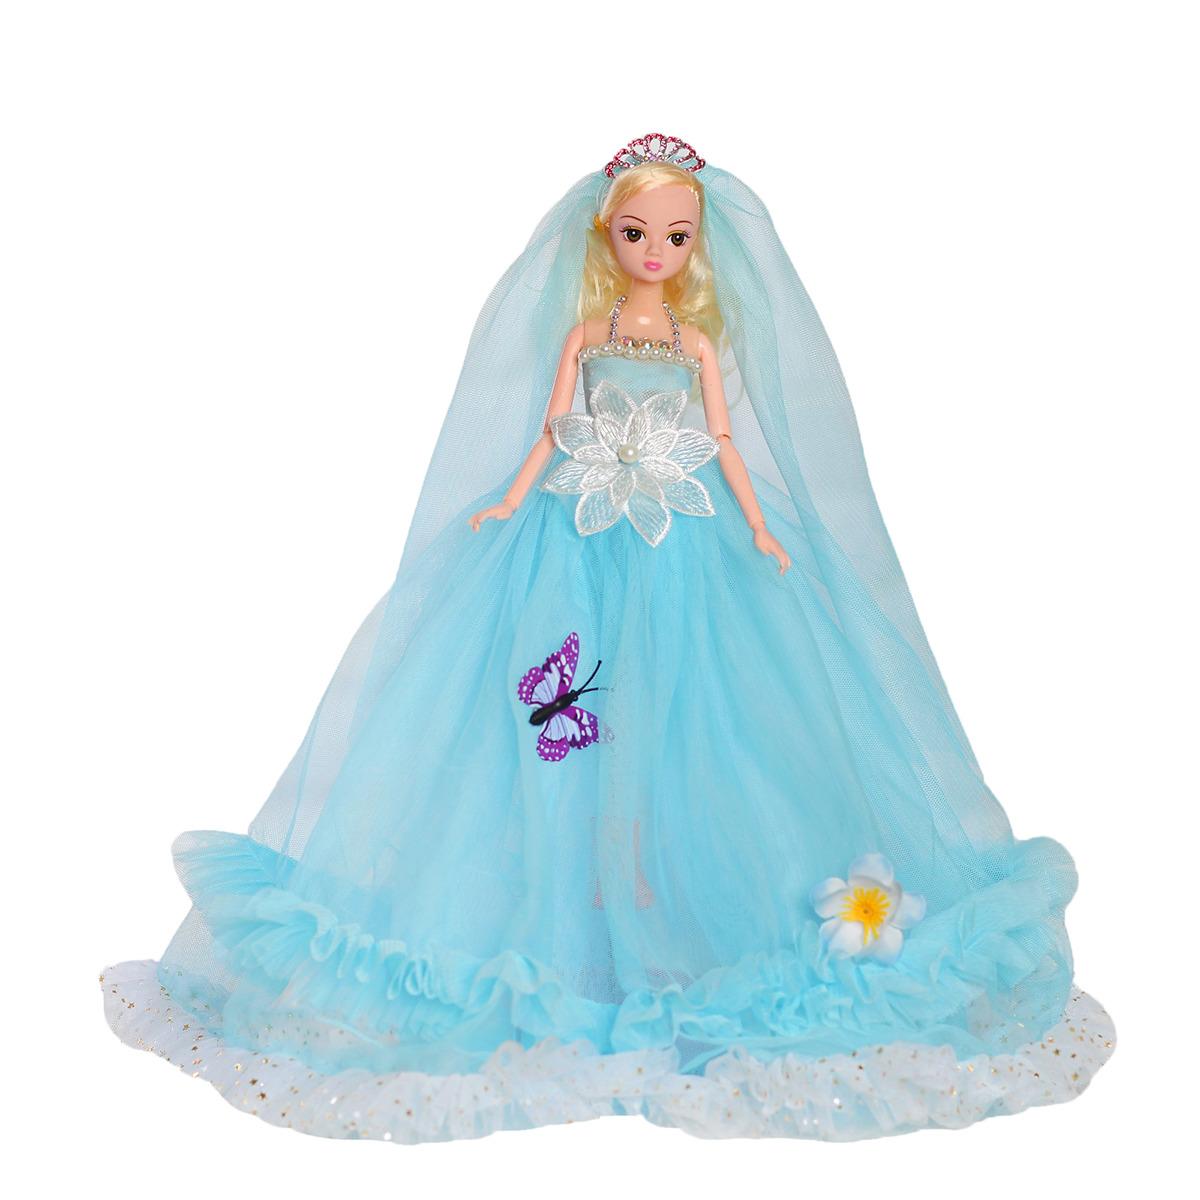 Кукла на подставке Принцесса 3749916, музыкальная3749916Такая модница очарует малышку с первого взгляда. Девочка сразу же подружится с куколкой и с удовольствием будет с ней играть.